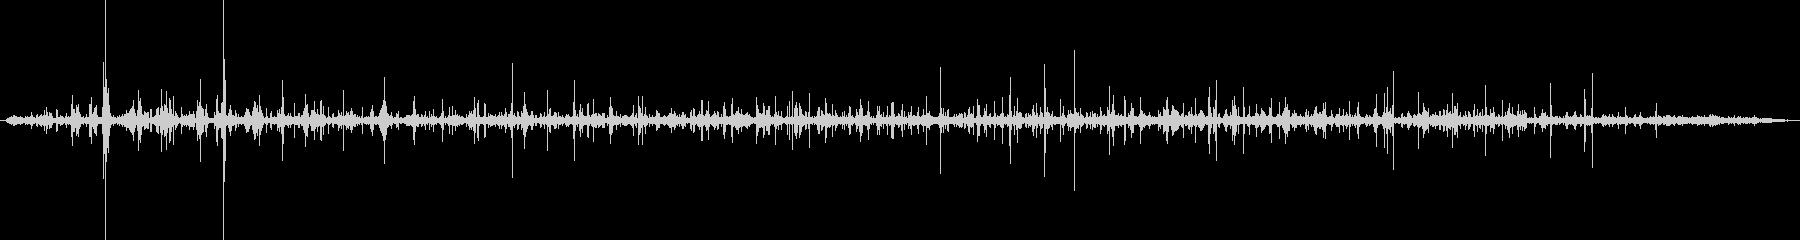 ウォーキング・オン・グレイヴル、馬の未再生の波形